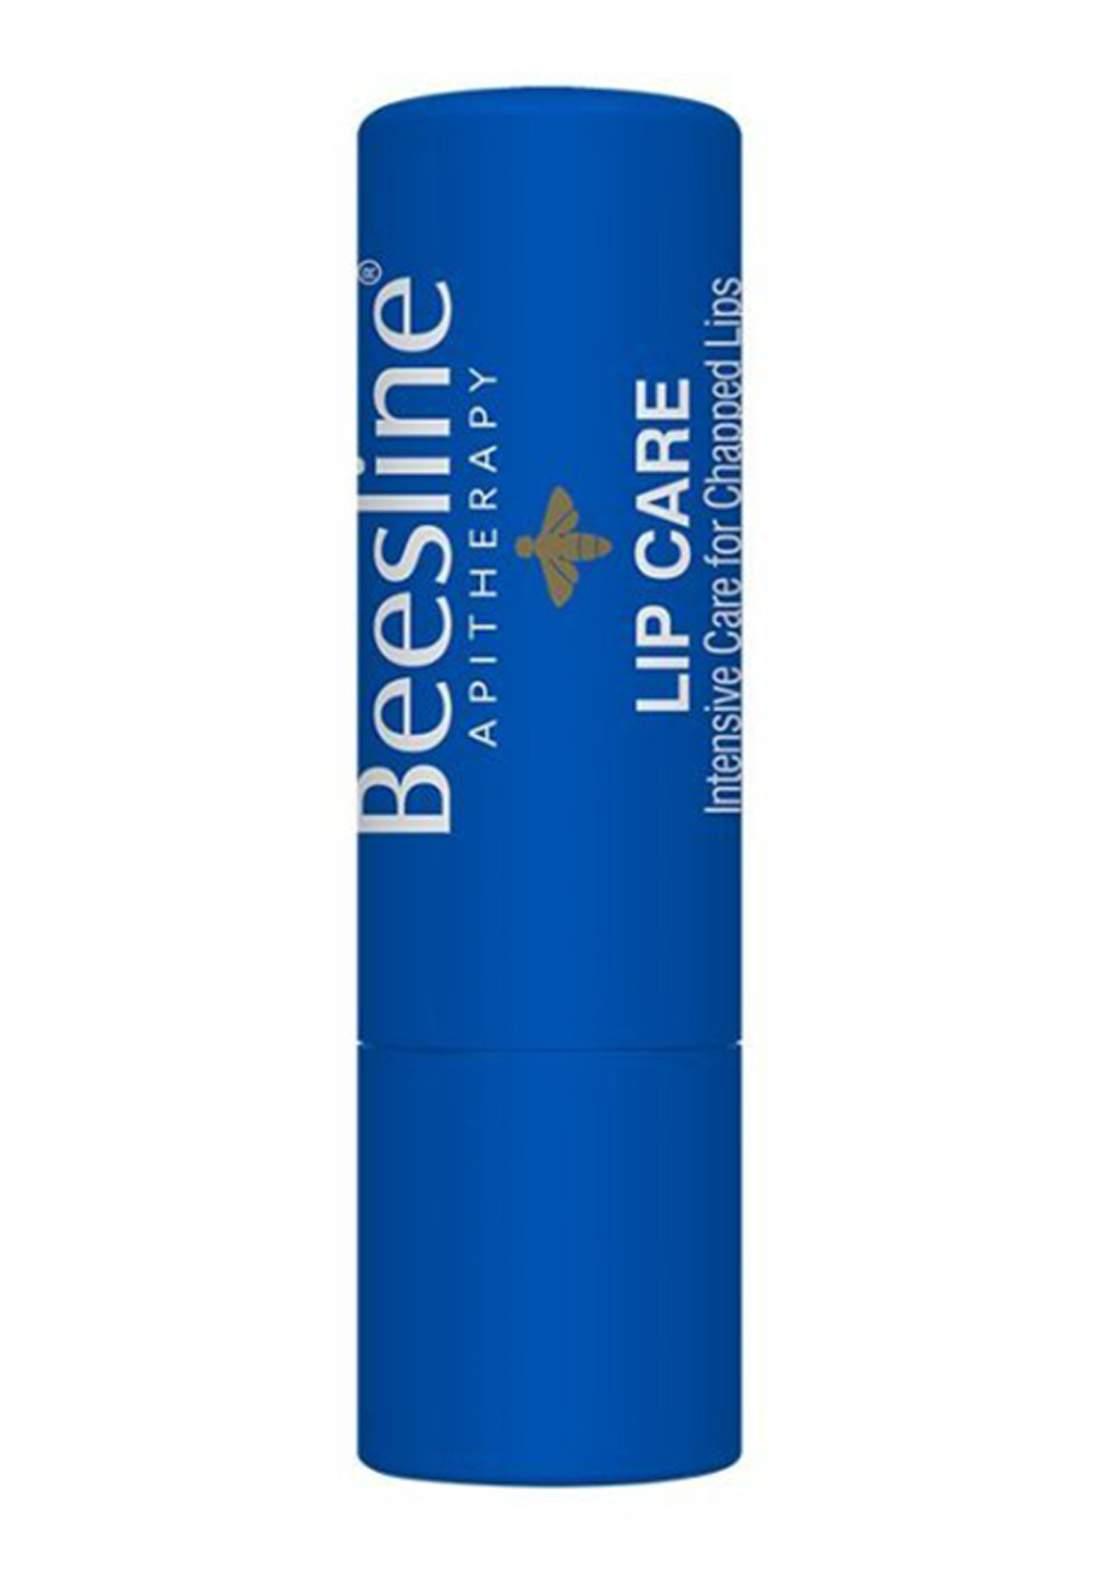 Beesline Lip Care Shea Butter And Advocado Oil مرطب شفاه